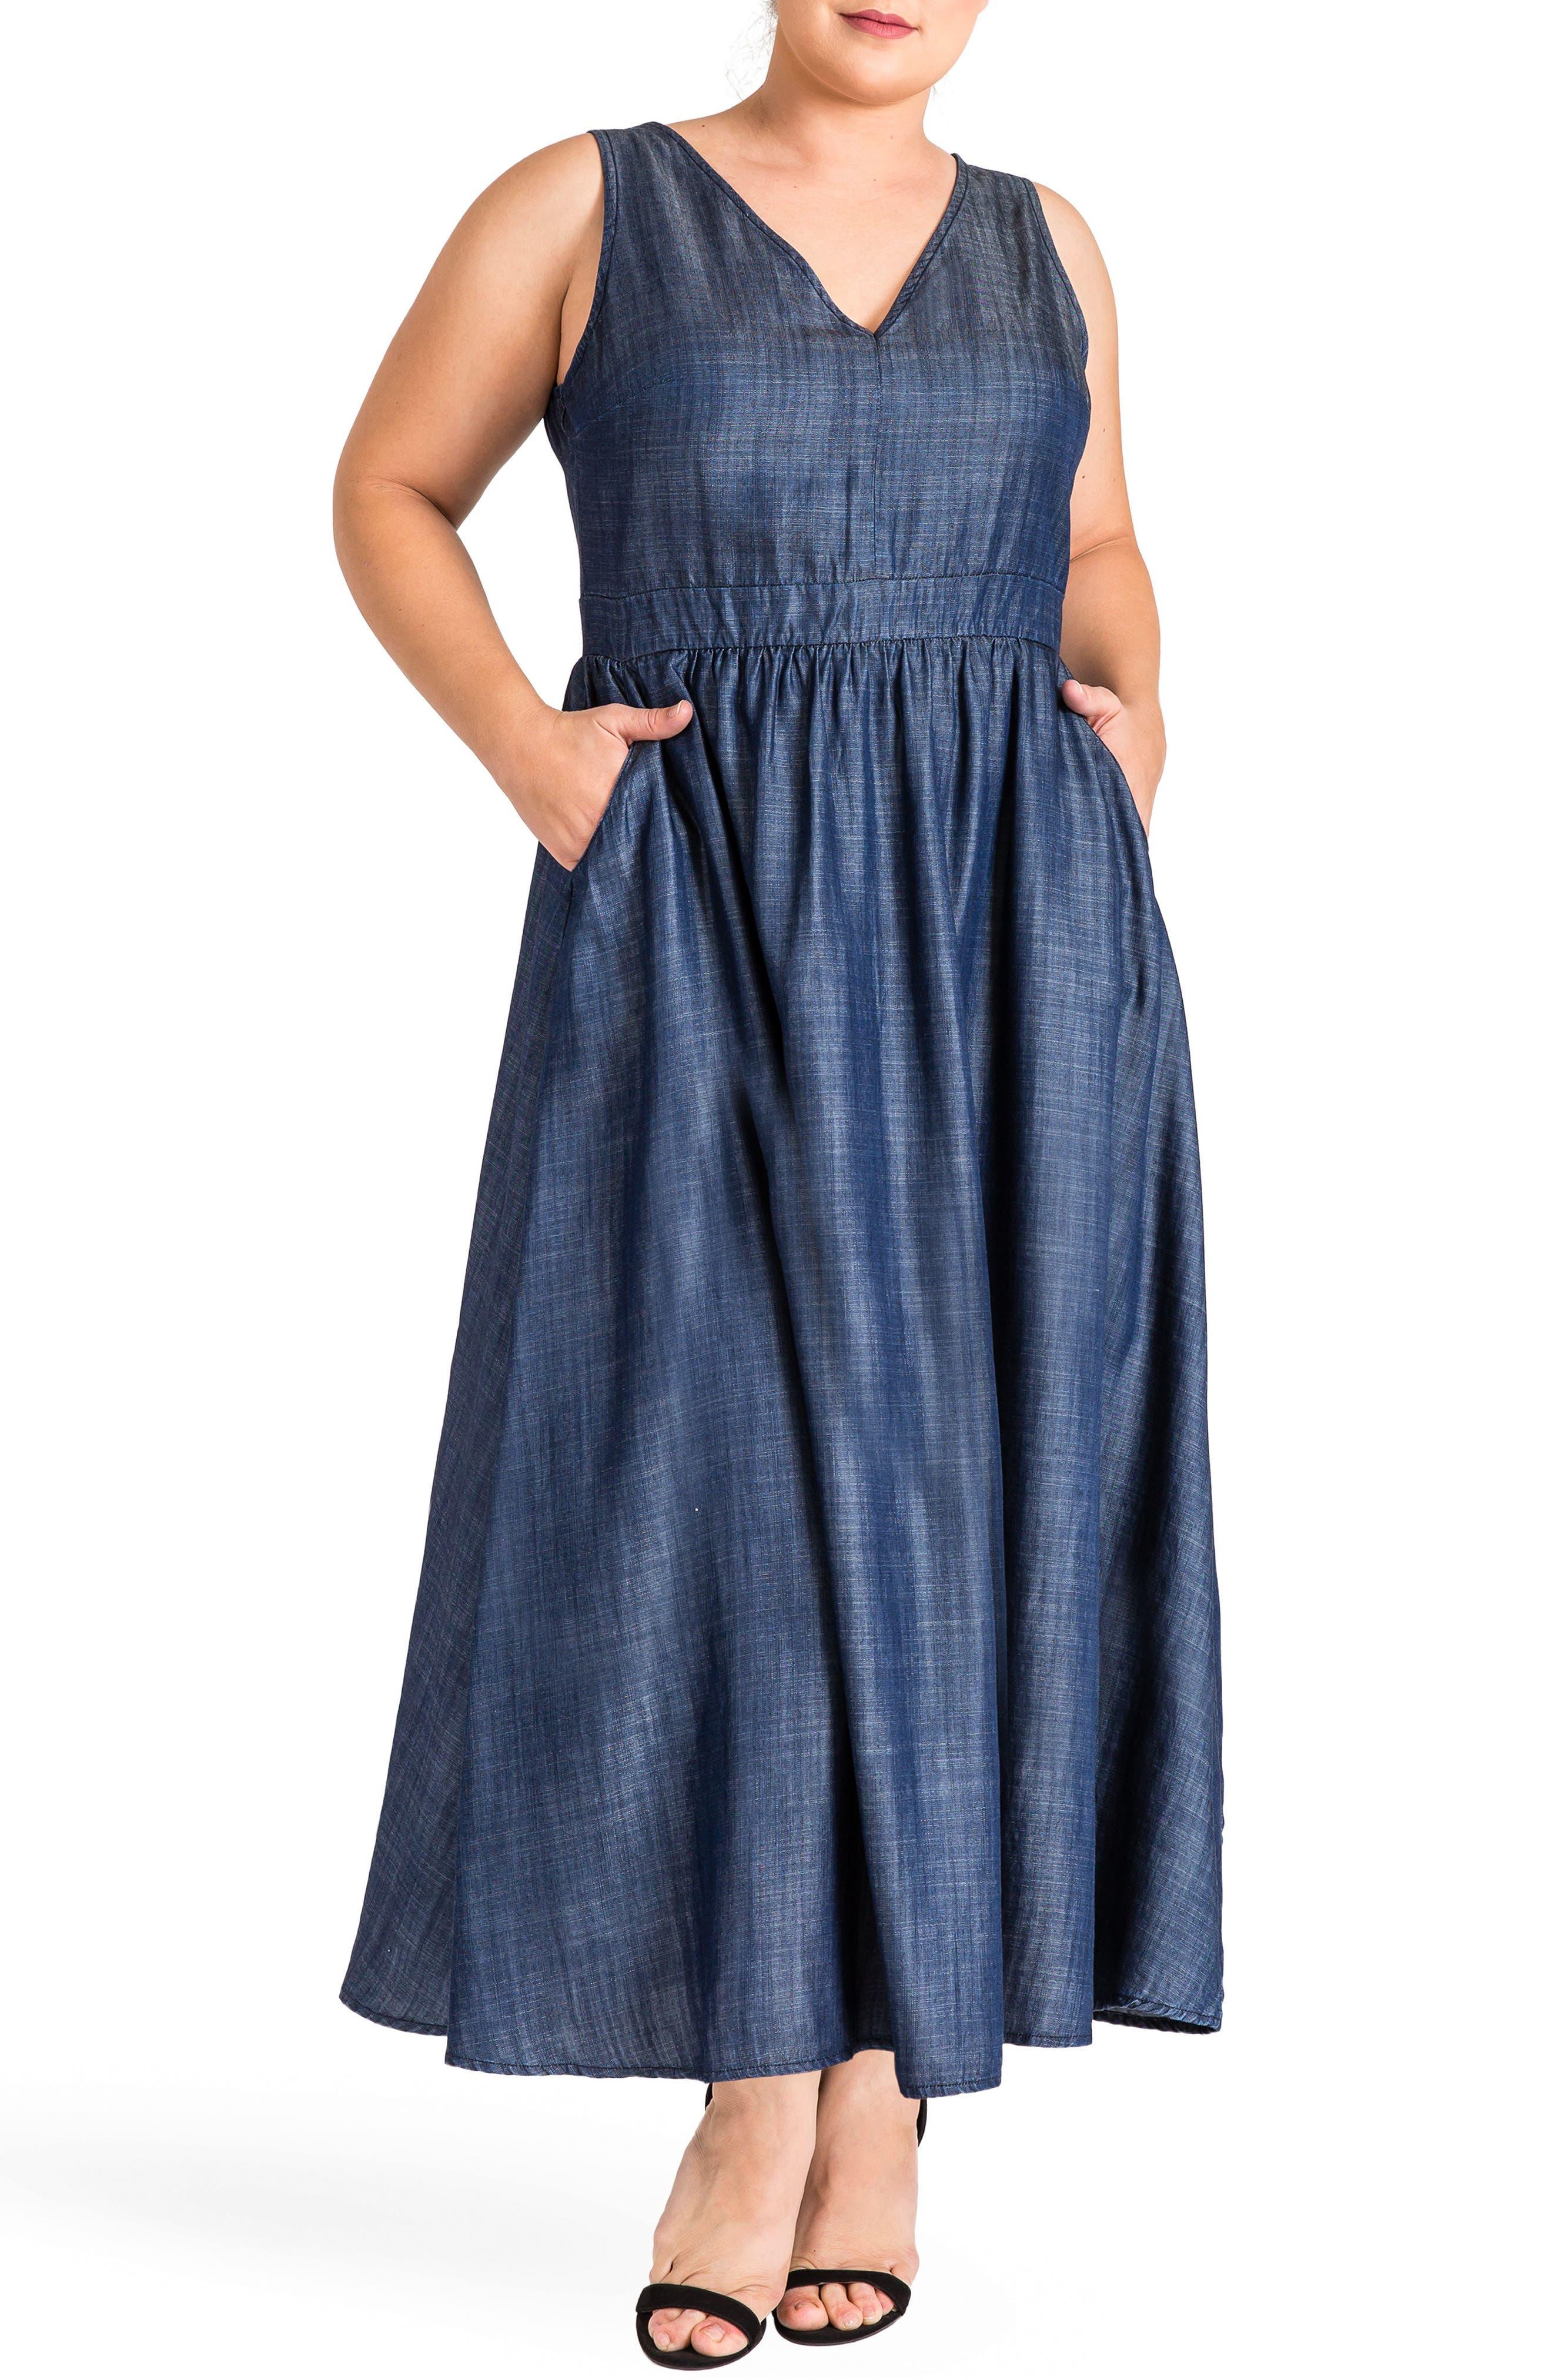 Nimah Maxi Dress,                             Main thumbnail 1, color,                             Dark Blue